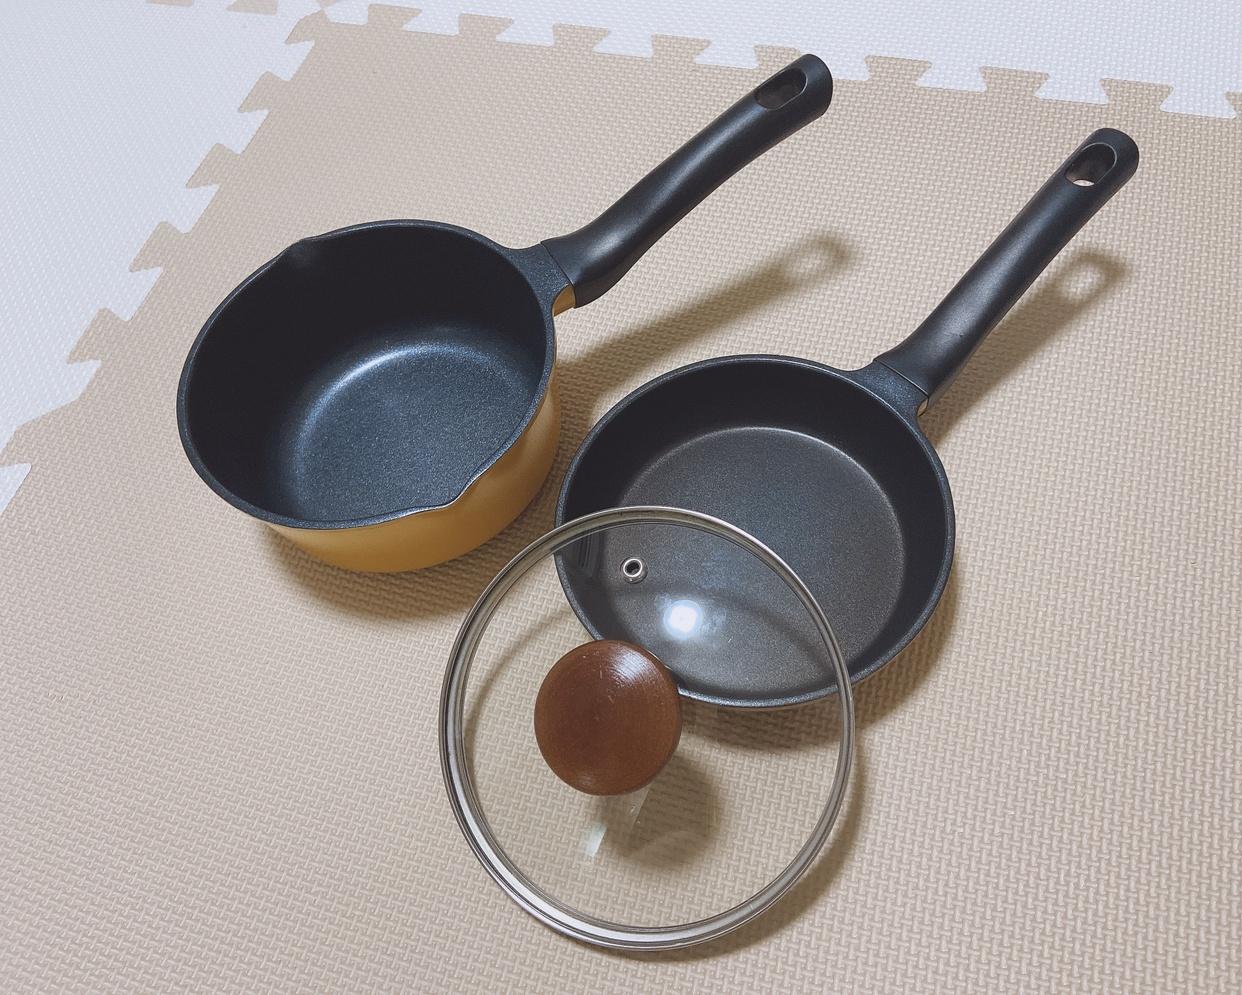 パール金属(PEARL)イージークック ブルーダイヤモンドコートミニソースパン HB-4504を使ったfumikaさんのクチコミ画像1